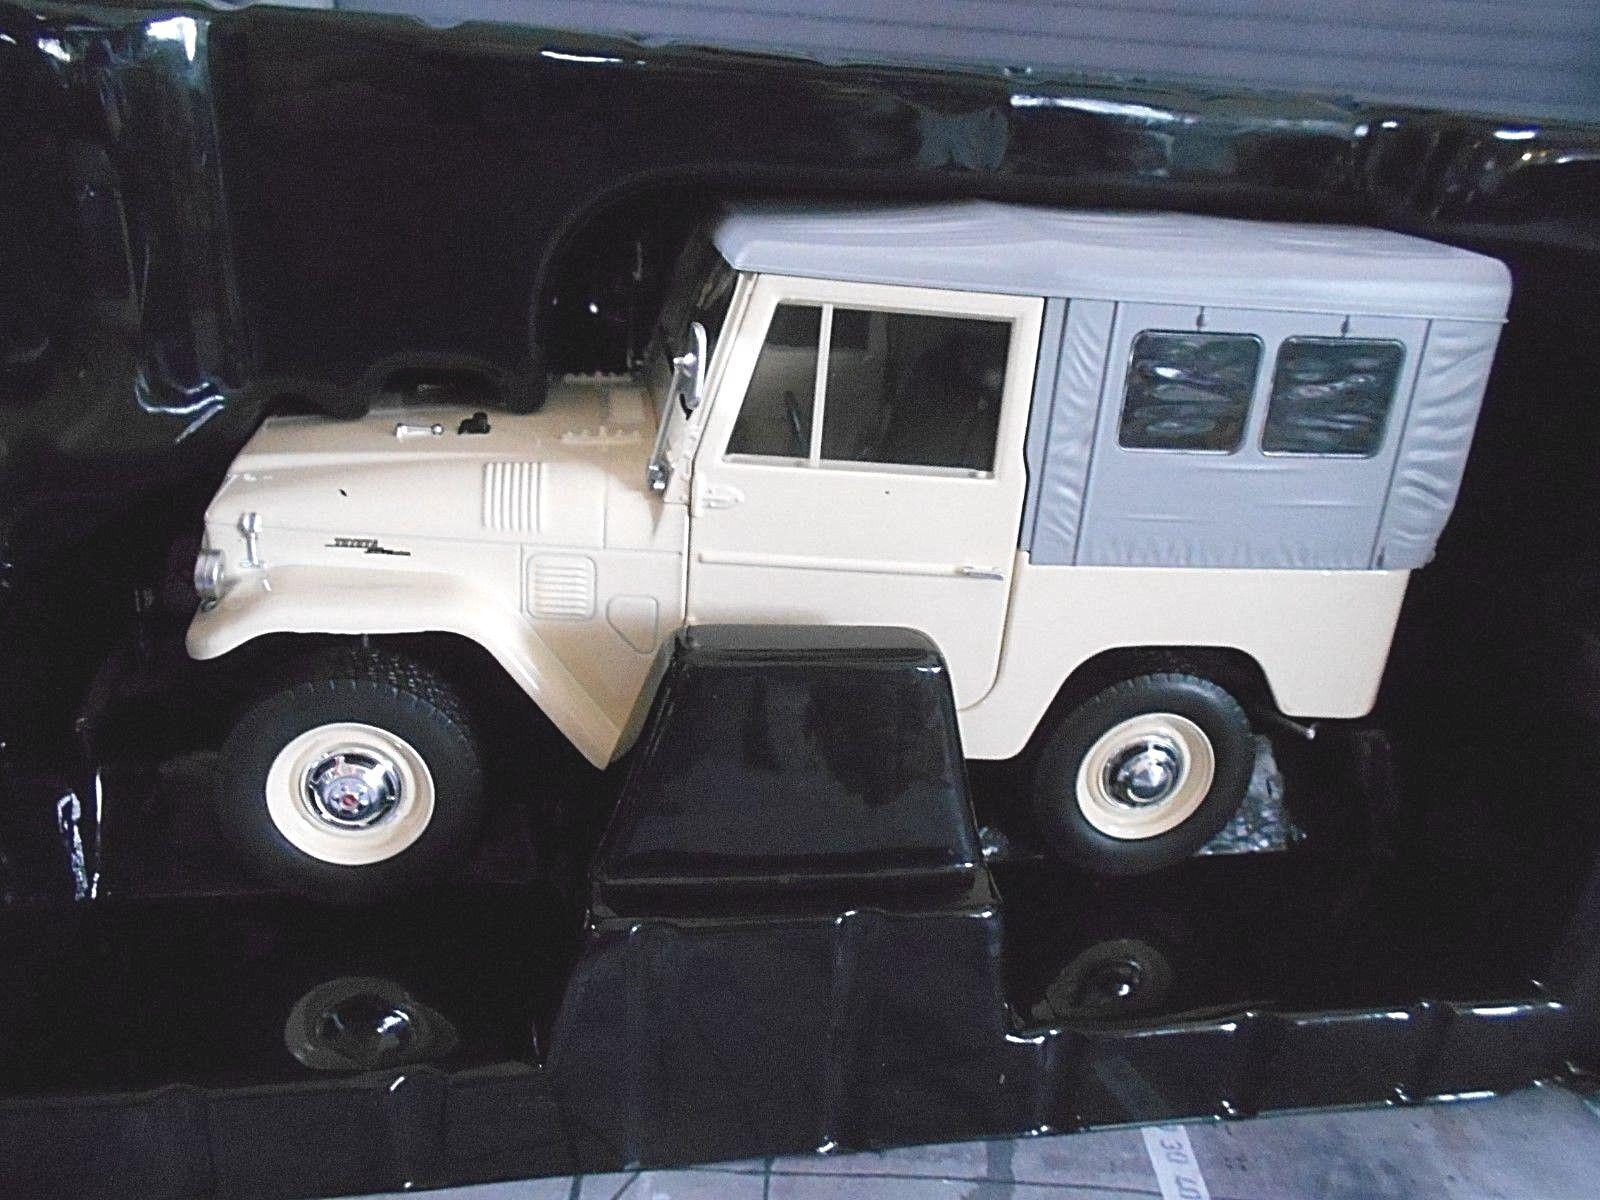 Hay más marcas de productos de alta calidad. Jugueteota landcruiser Land Cruiser Cruiser Cruiser MKI fj40 4x4 1967 blancoo Cream Ixo triple 9 1 18  en linea